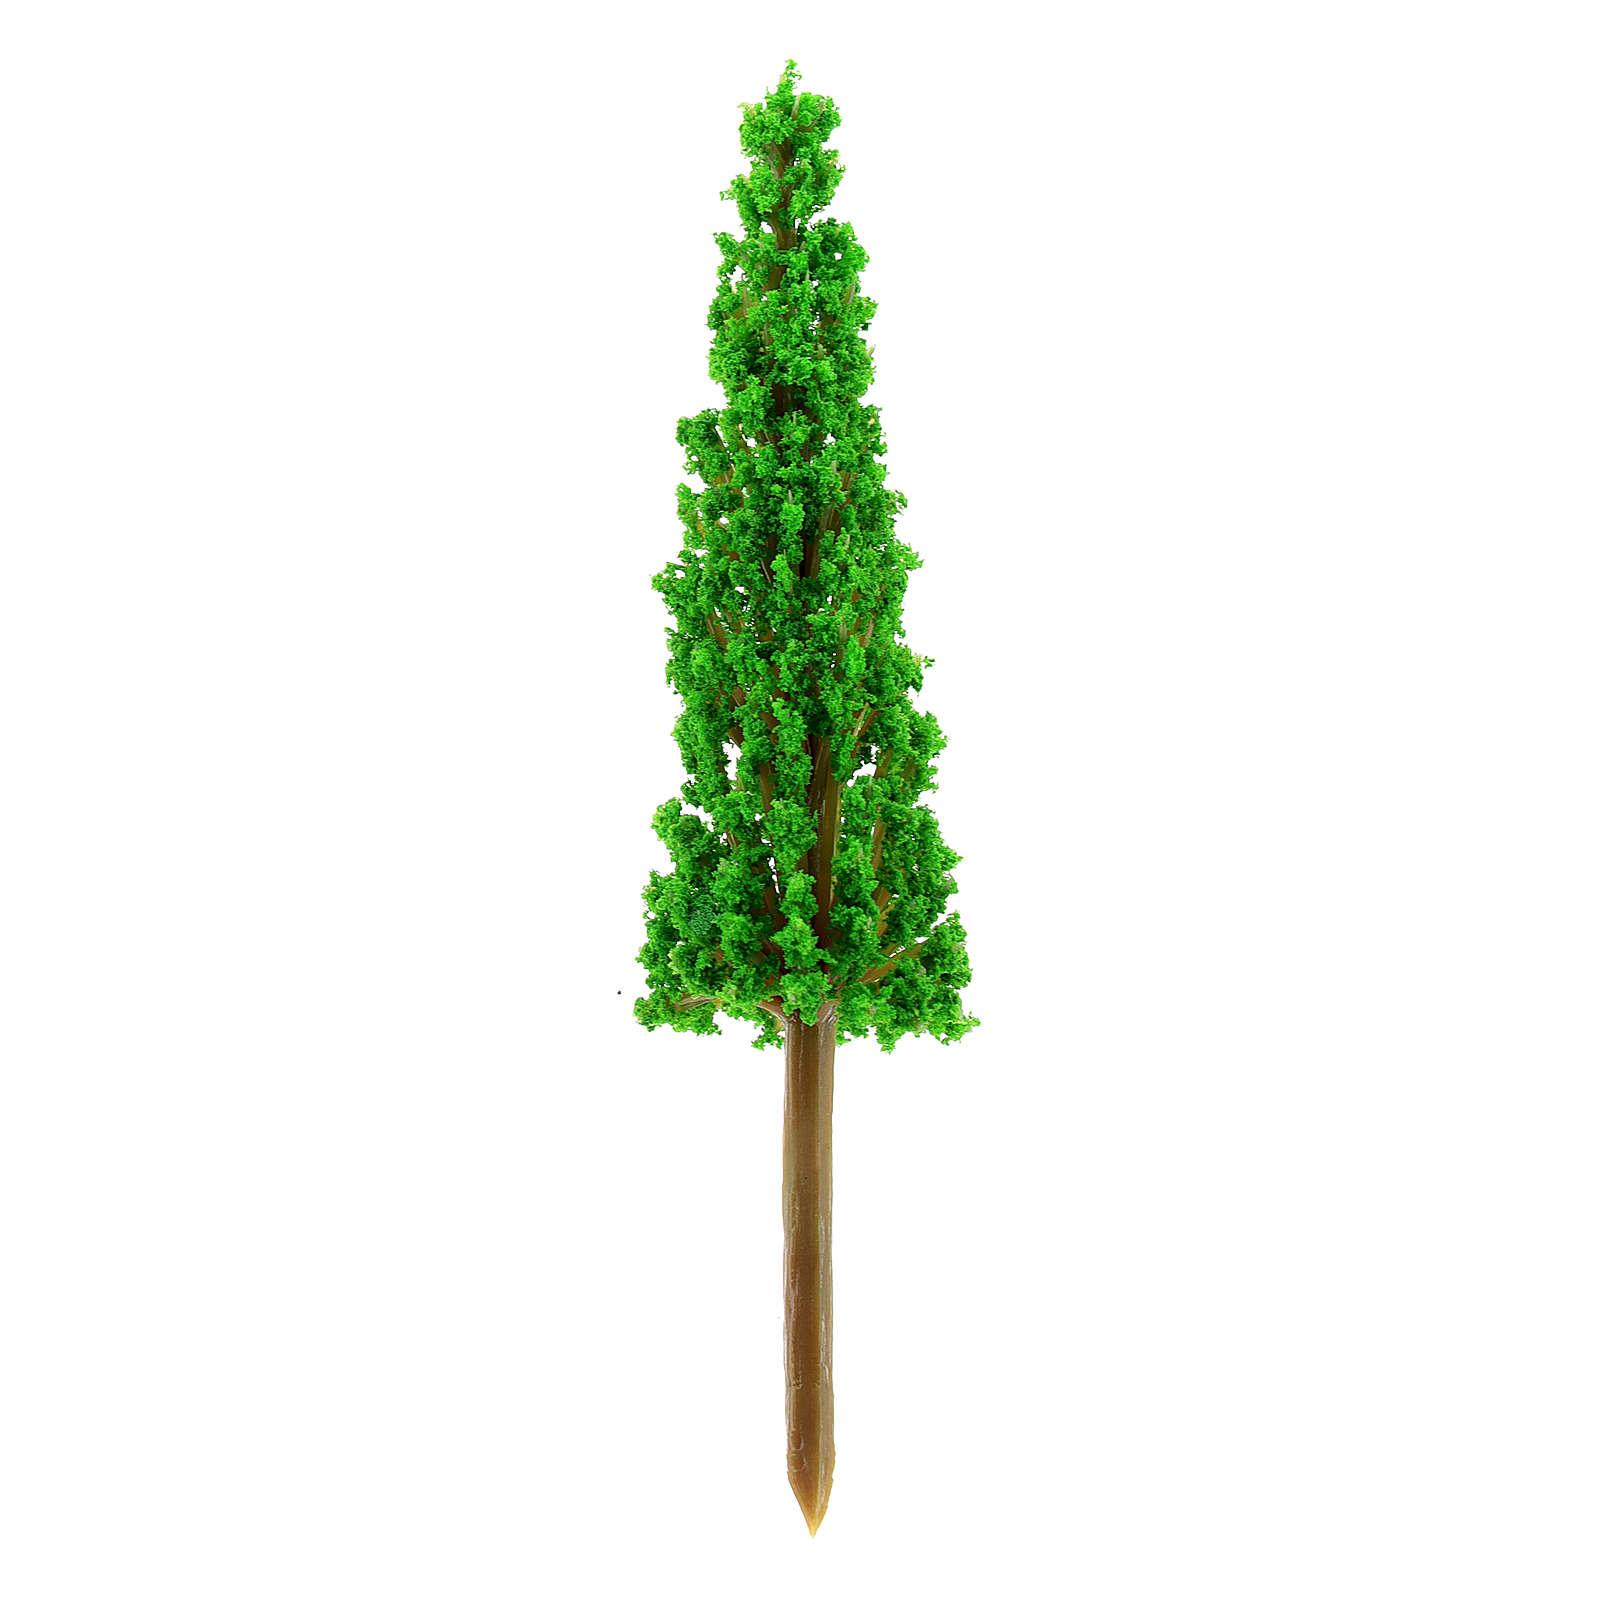 Cypress in plastic Moranduzzo for 4-8 cm Nativity scene 4